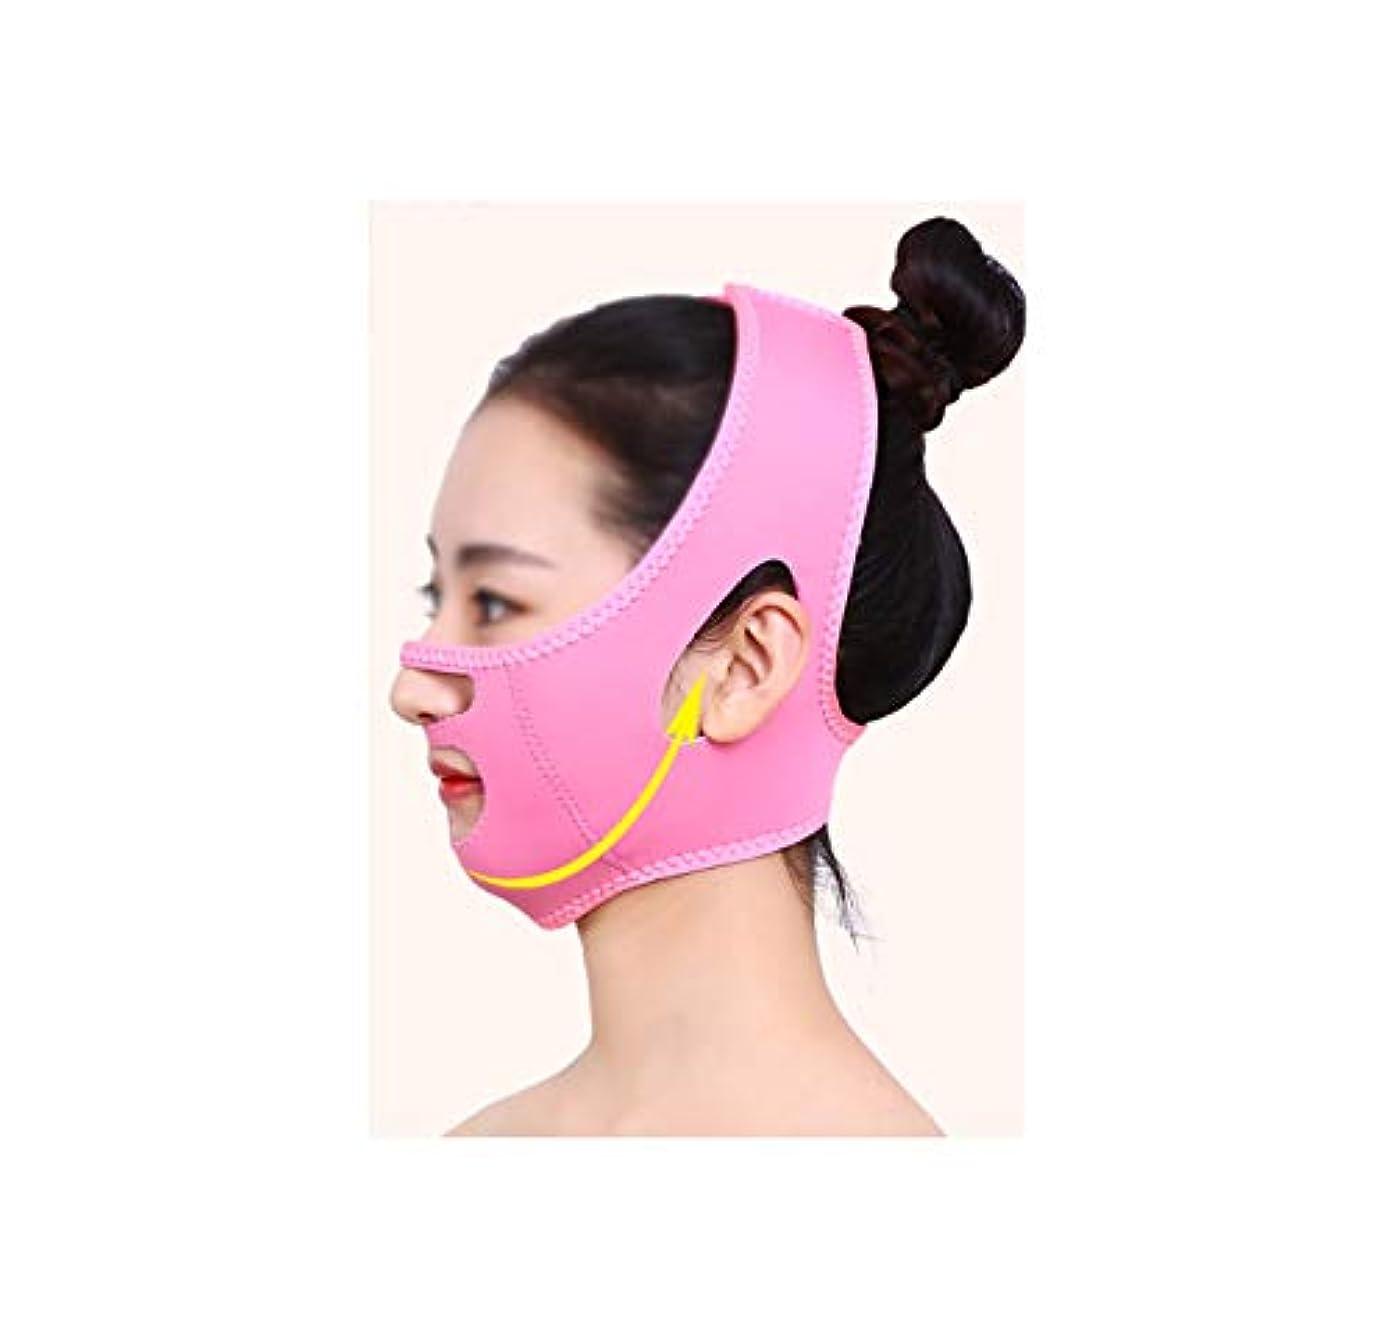 刺す閲覧するサーカスTLMY 薄い顔マスクマスク顔機美容機器ローラー顔薄い顔Vフェイスマスク二重あご包帯アーティファクト 顔用整形マスク